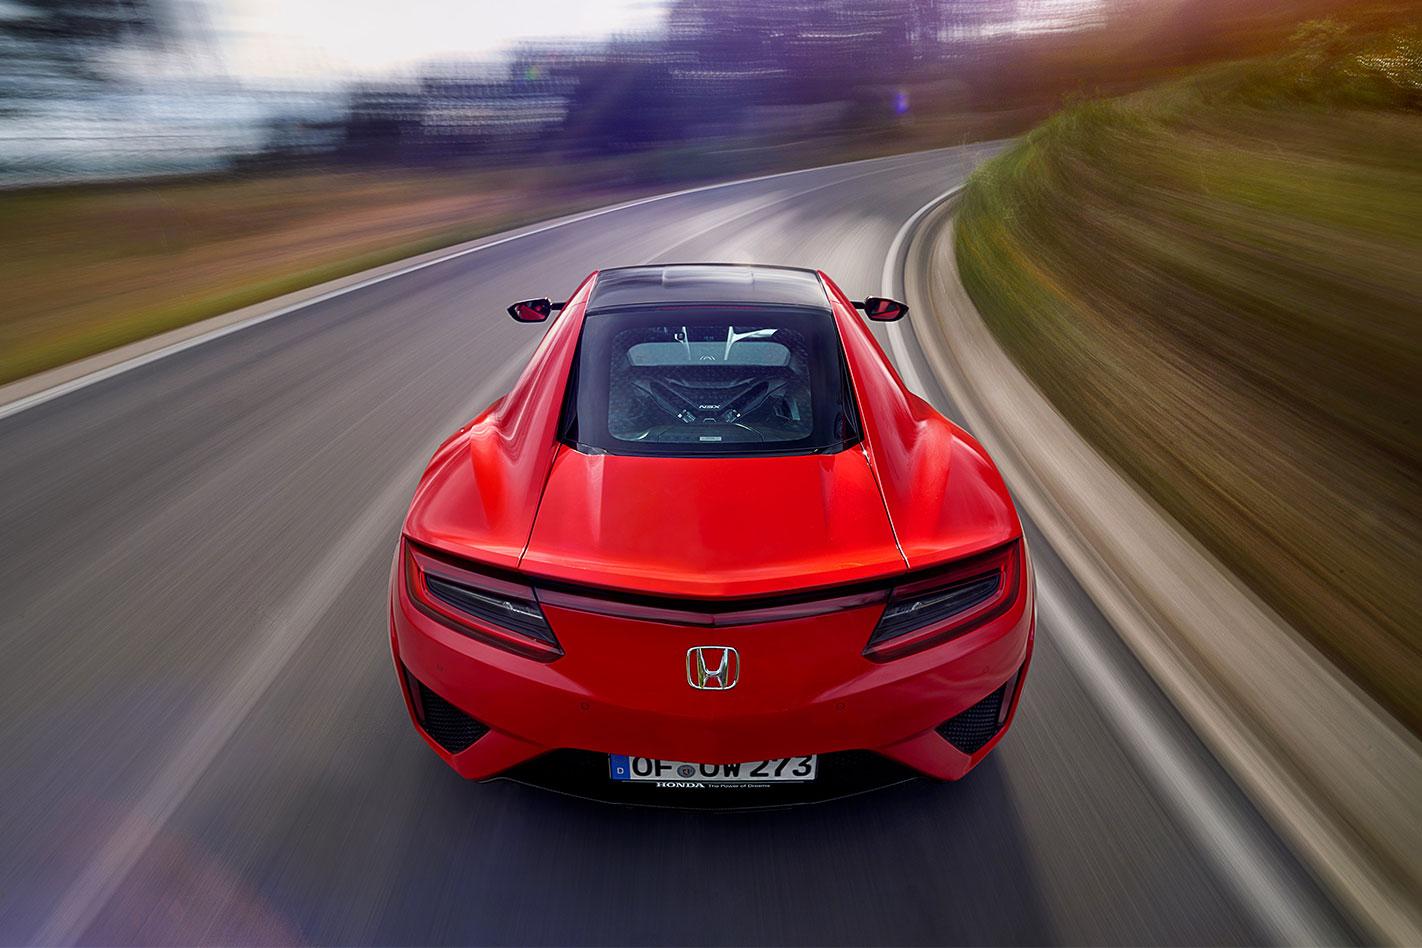 2017-Honda NSX rear